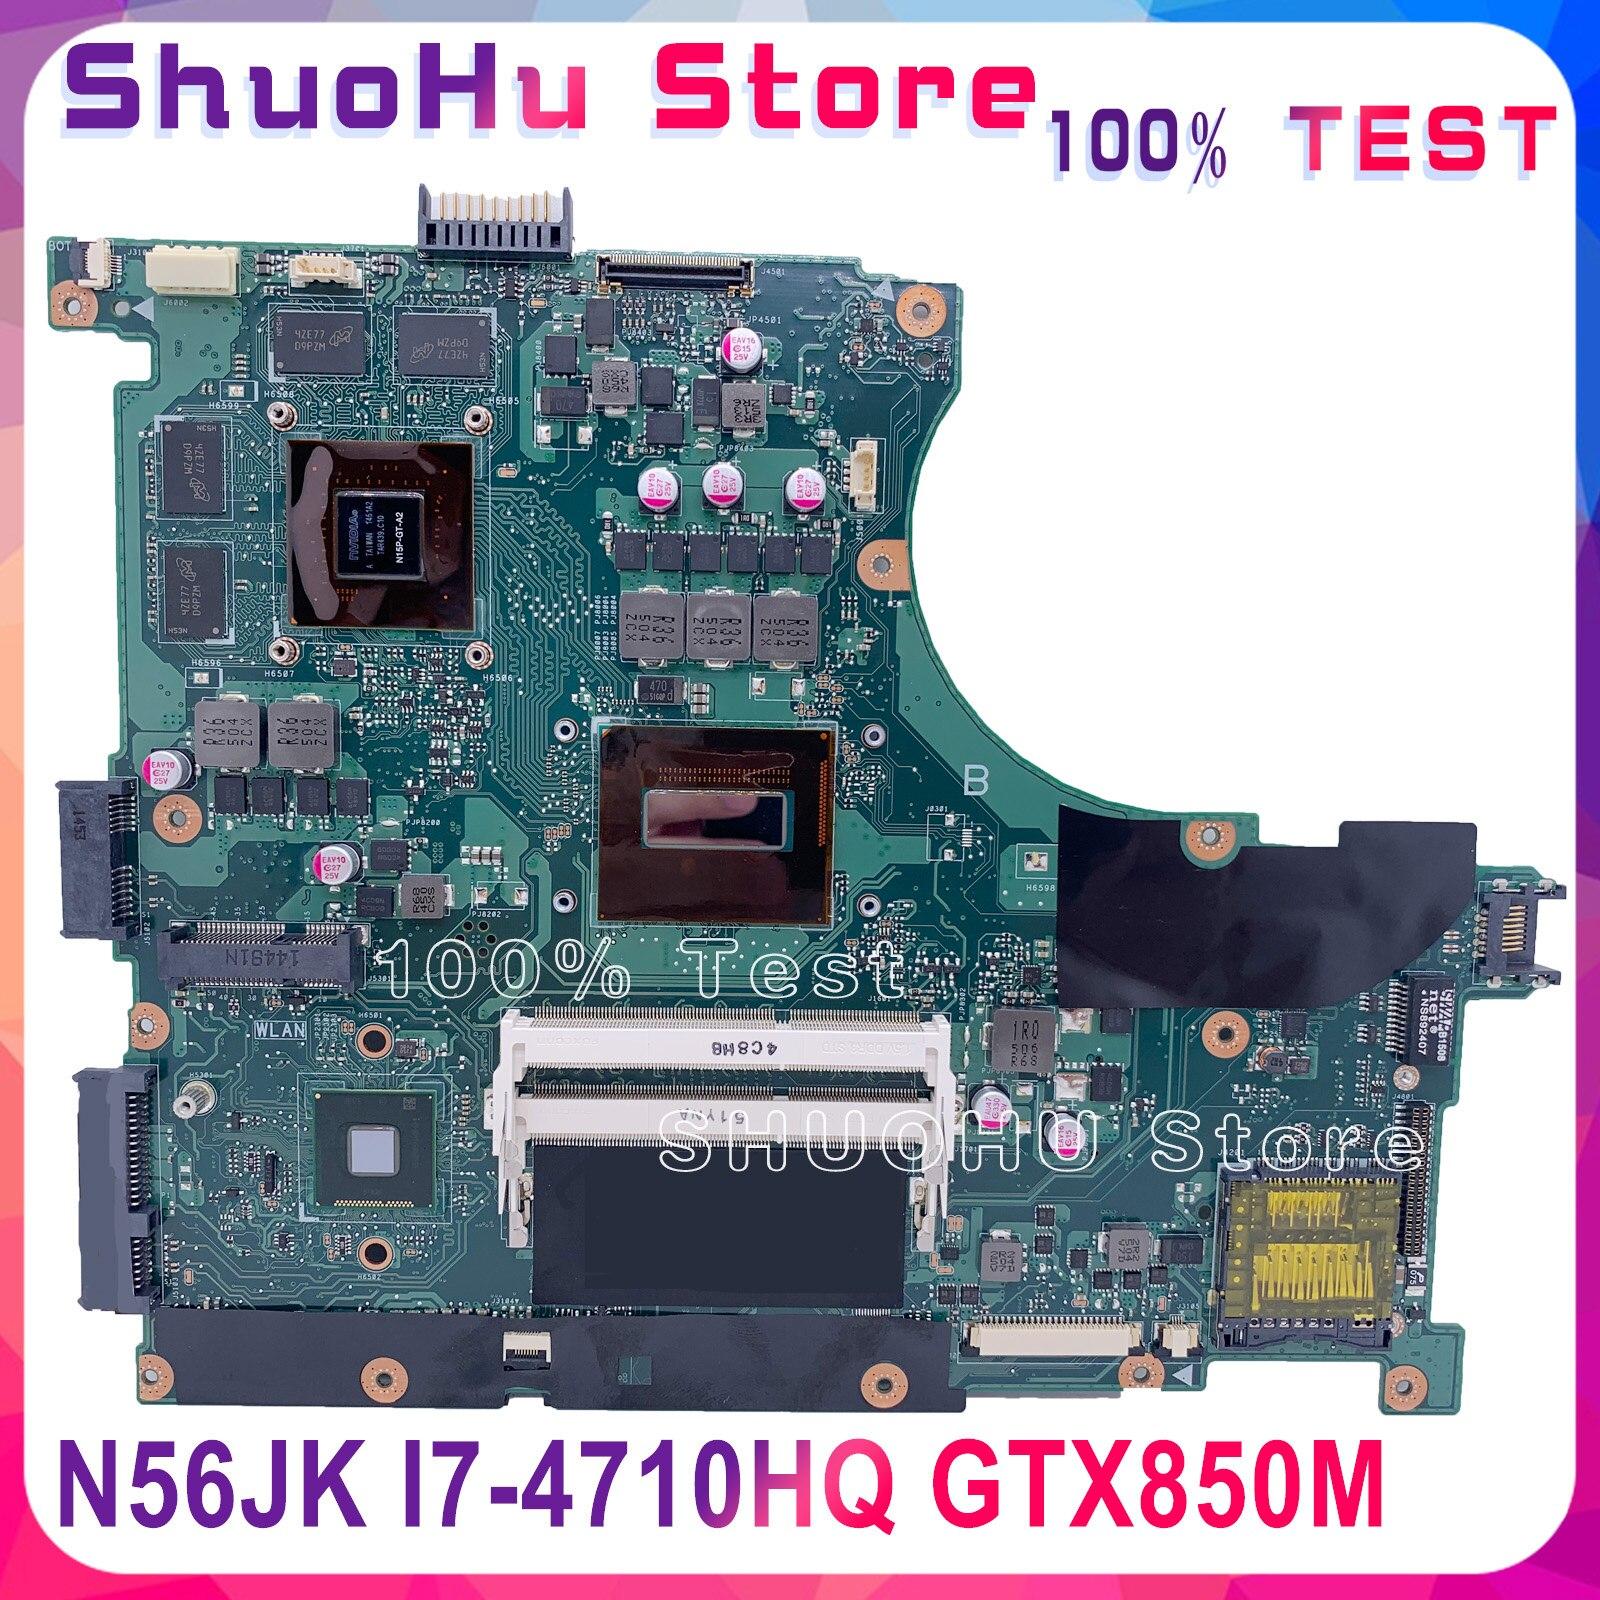 KEFU N56JK ل ASUS N56J N56J المحمول اللوحة اختبار 100% العمل الأصلي اللوحة الرئيسية I7-4710HQ GTX850M